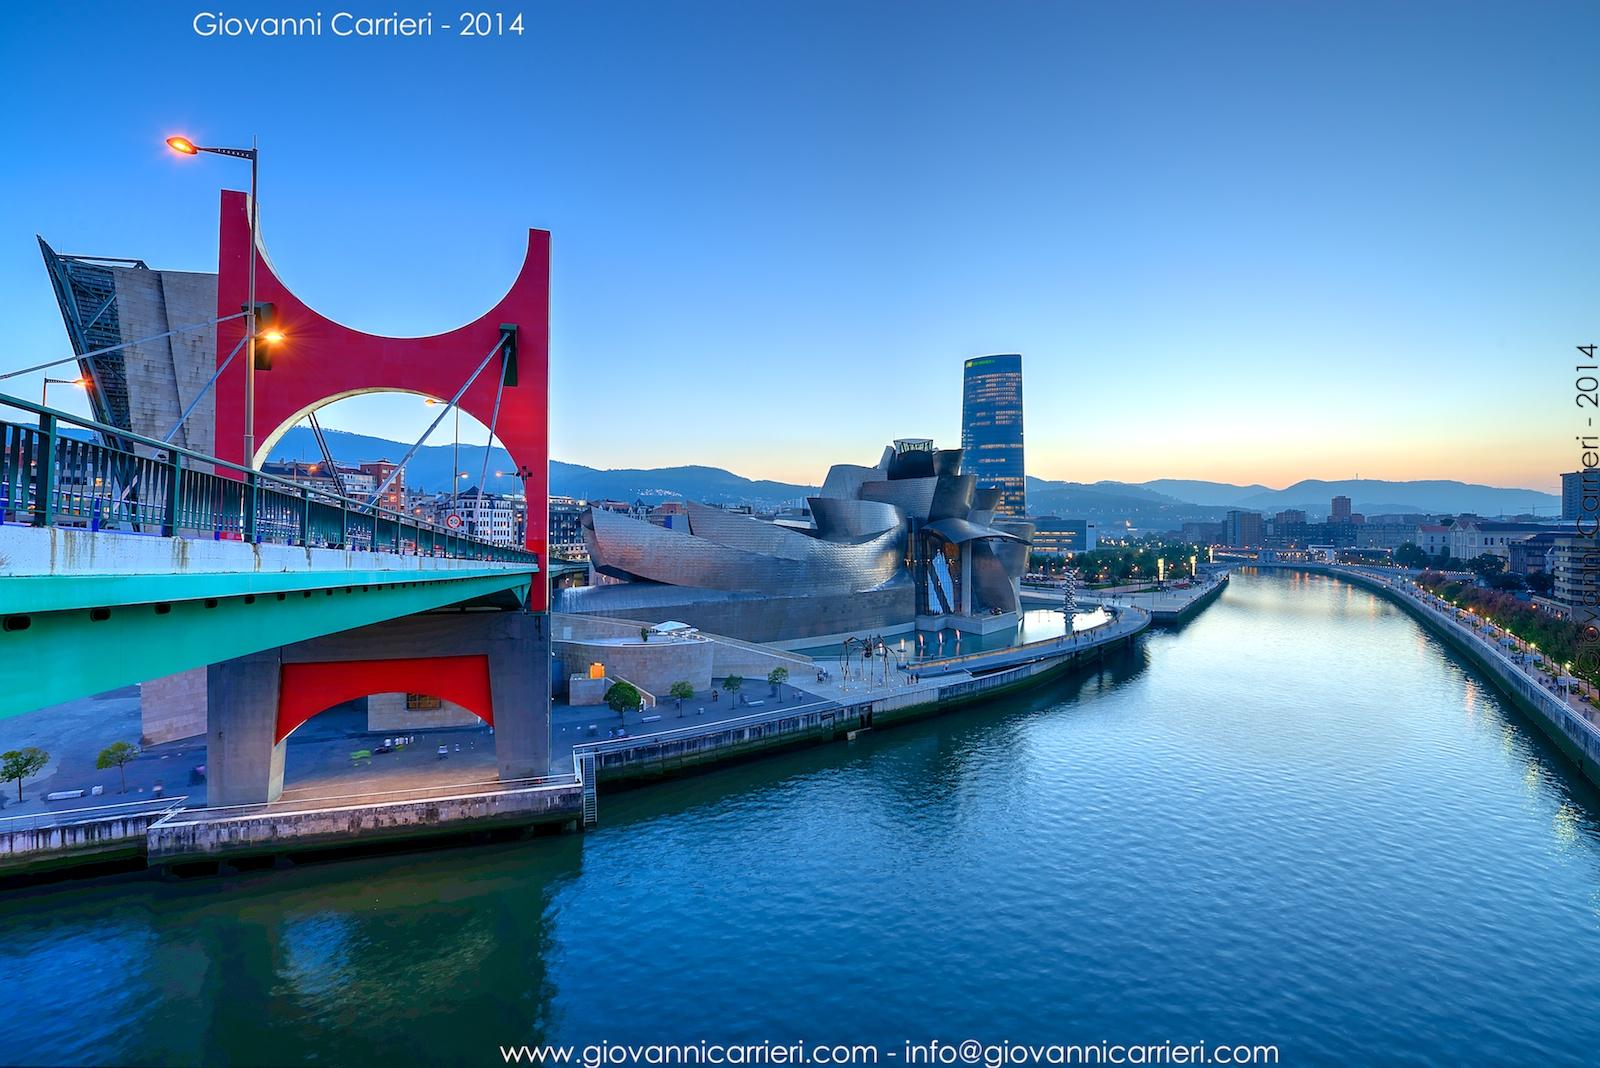 Il panorama di Bilbao: il fiume Nervion, il ponte De la Salve, il museo Guggenheim ed il grattacielo Iberdrola